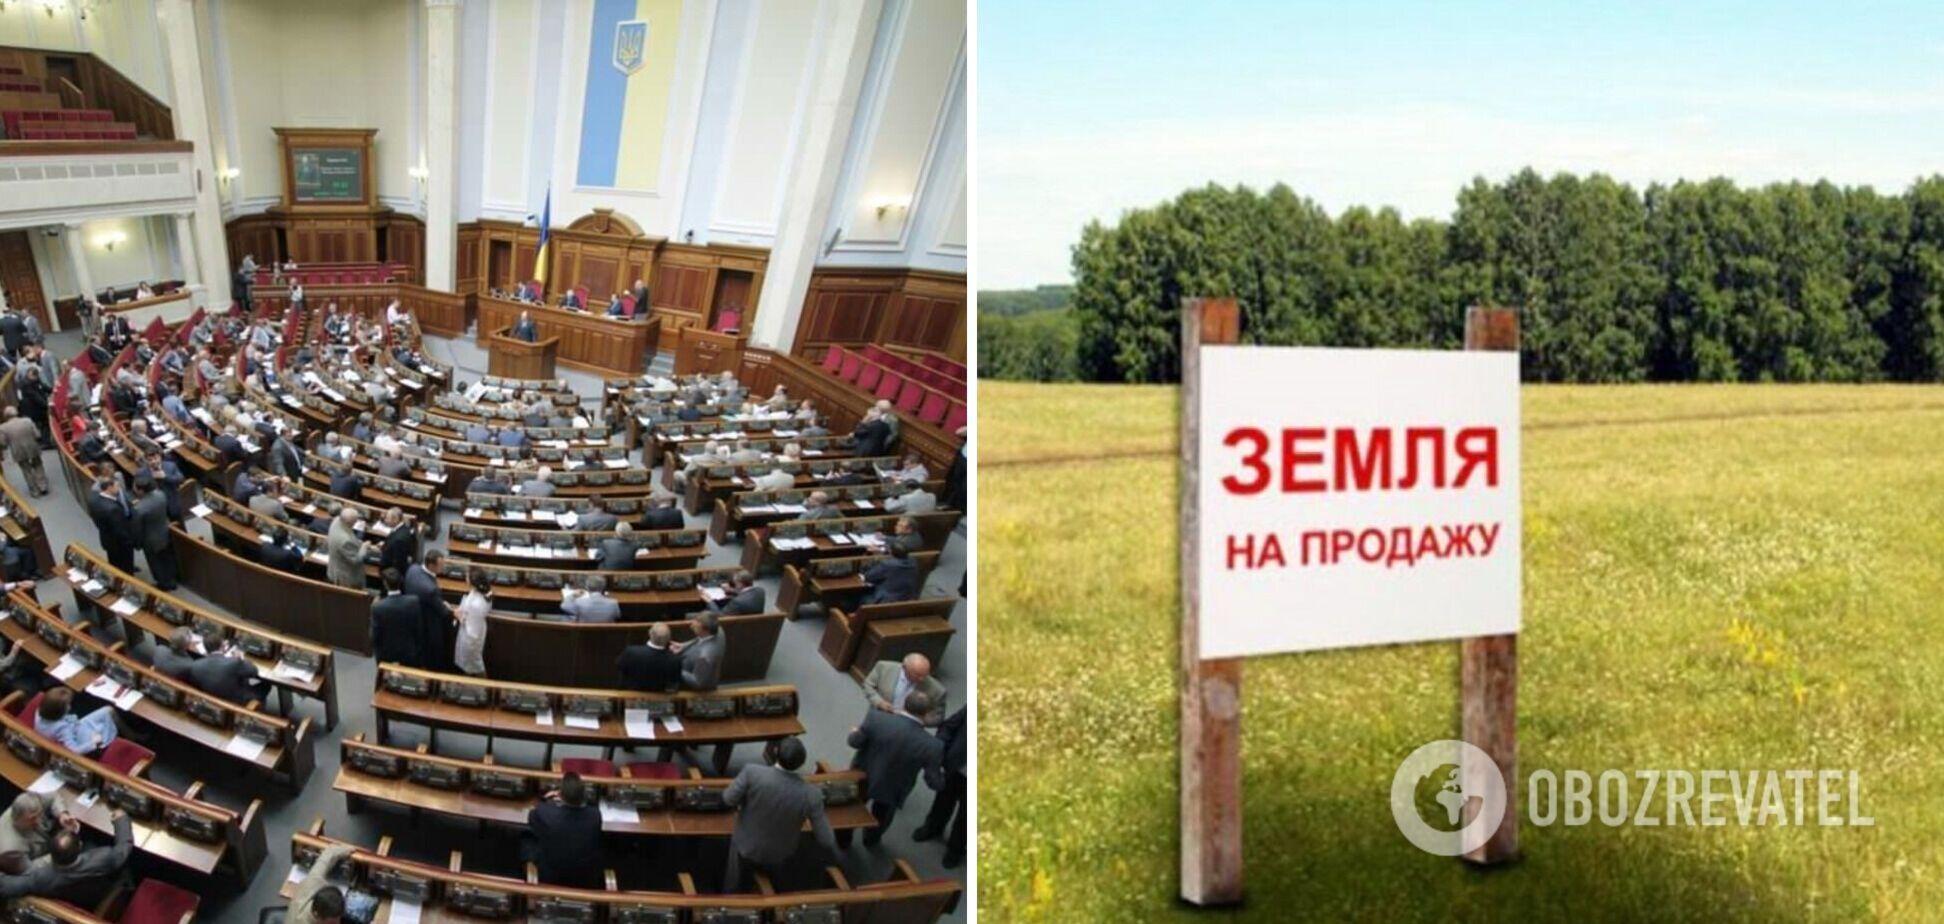 В Раде дали добро на продажу госземель на аукционах: детали законопроекта